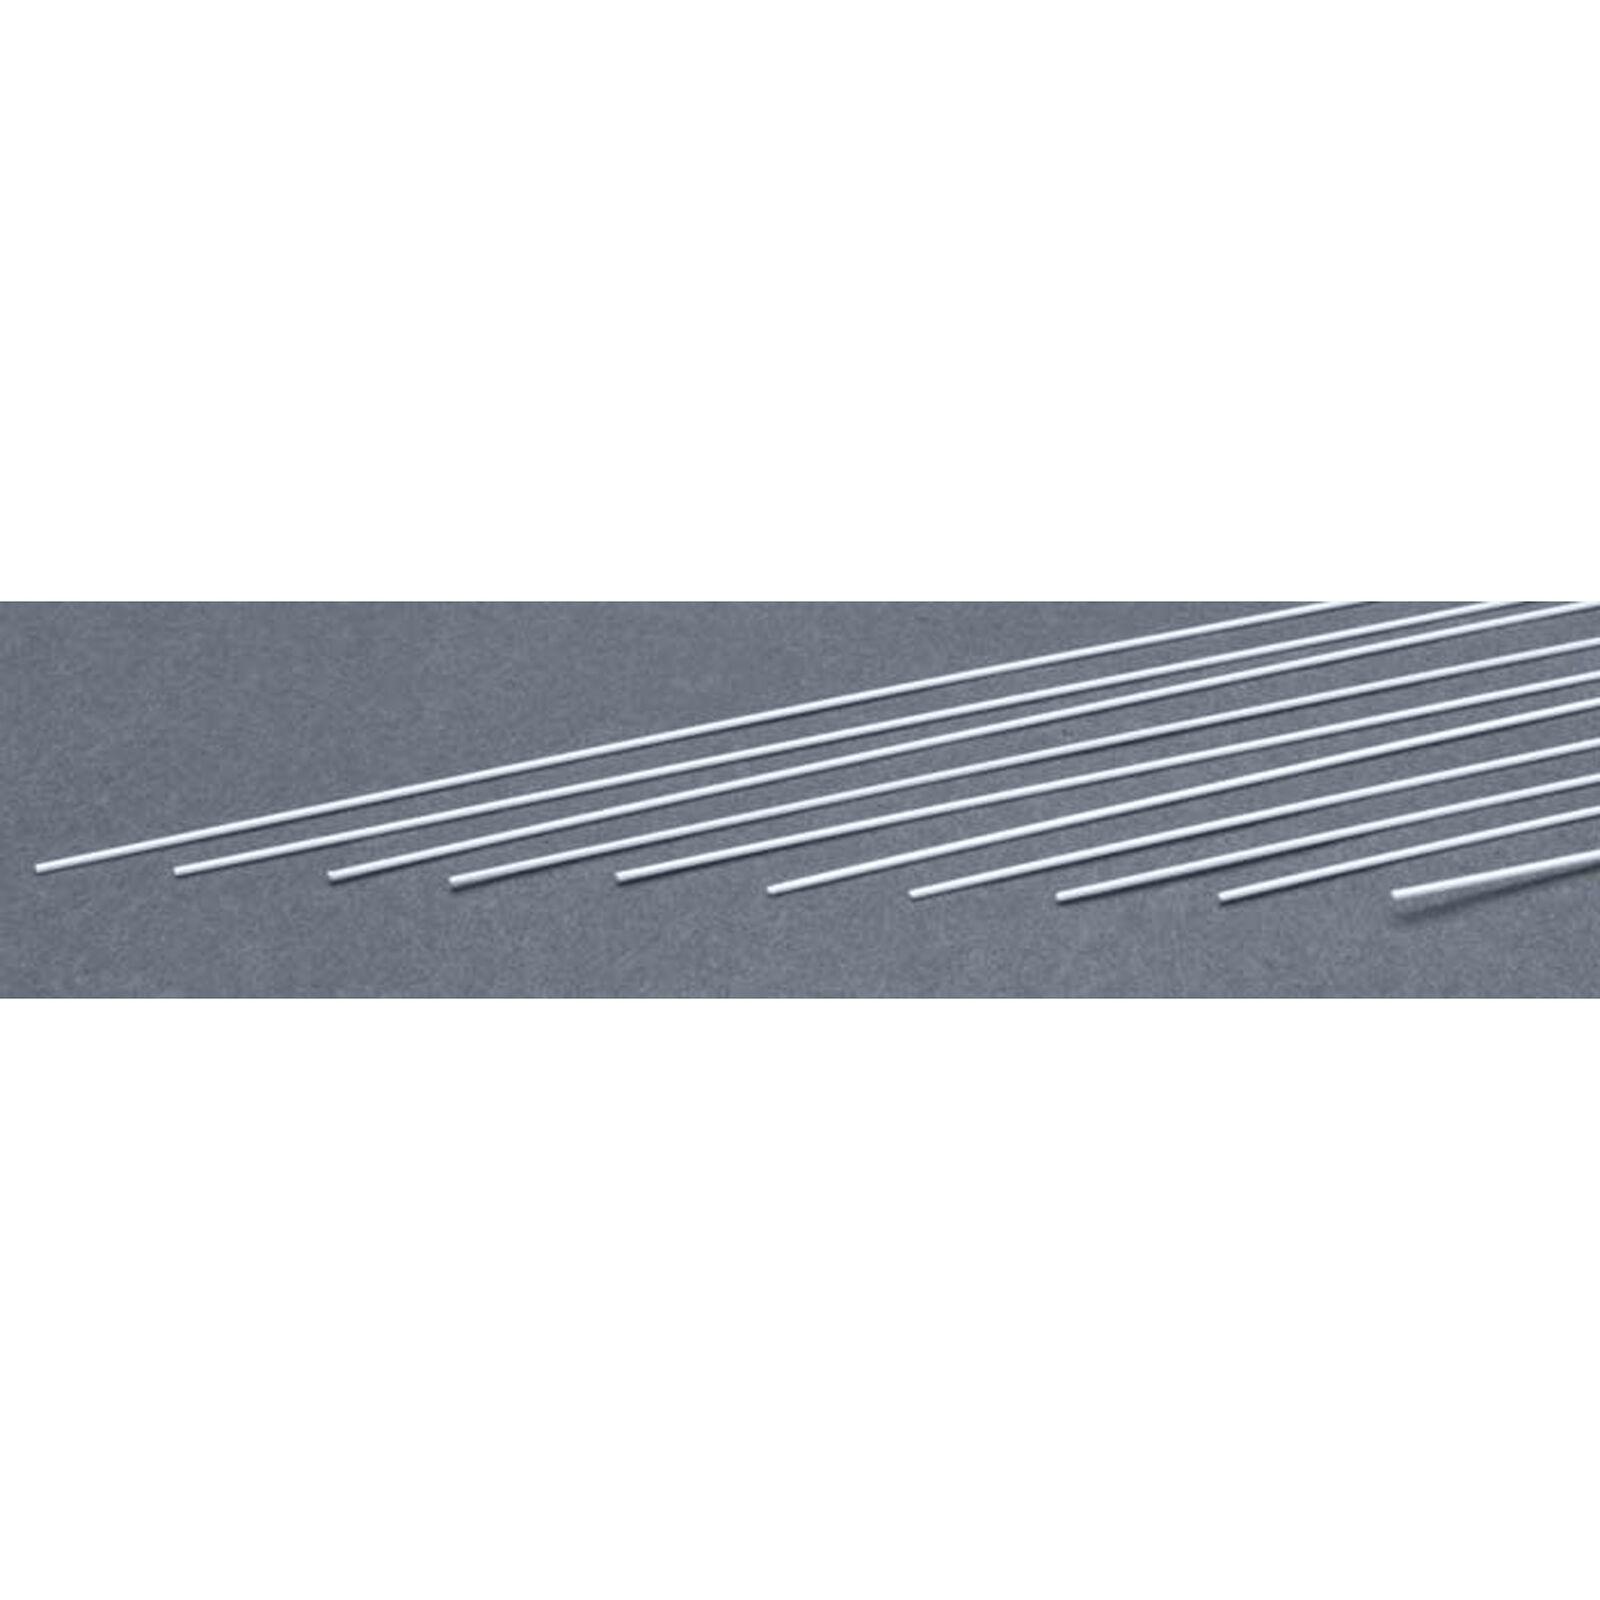 Strip .020 x .030 (10)